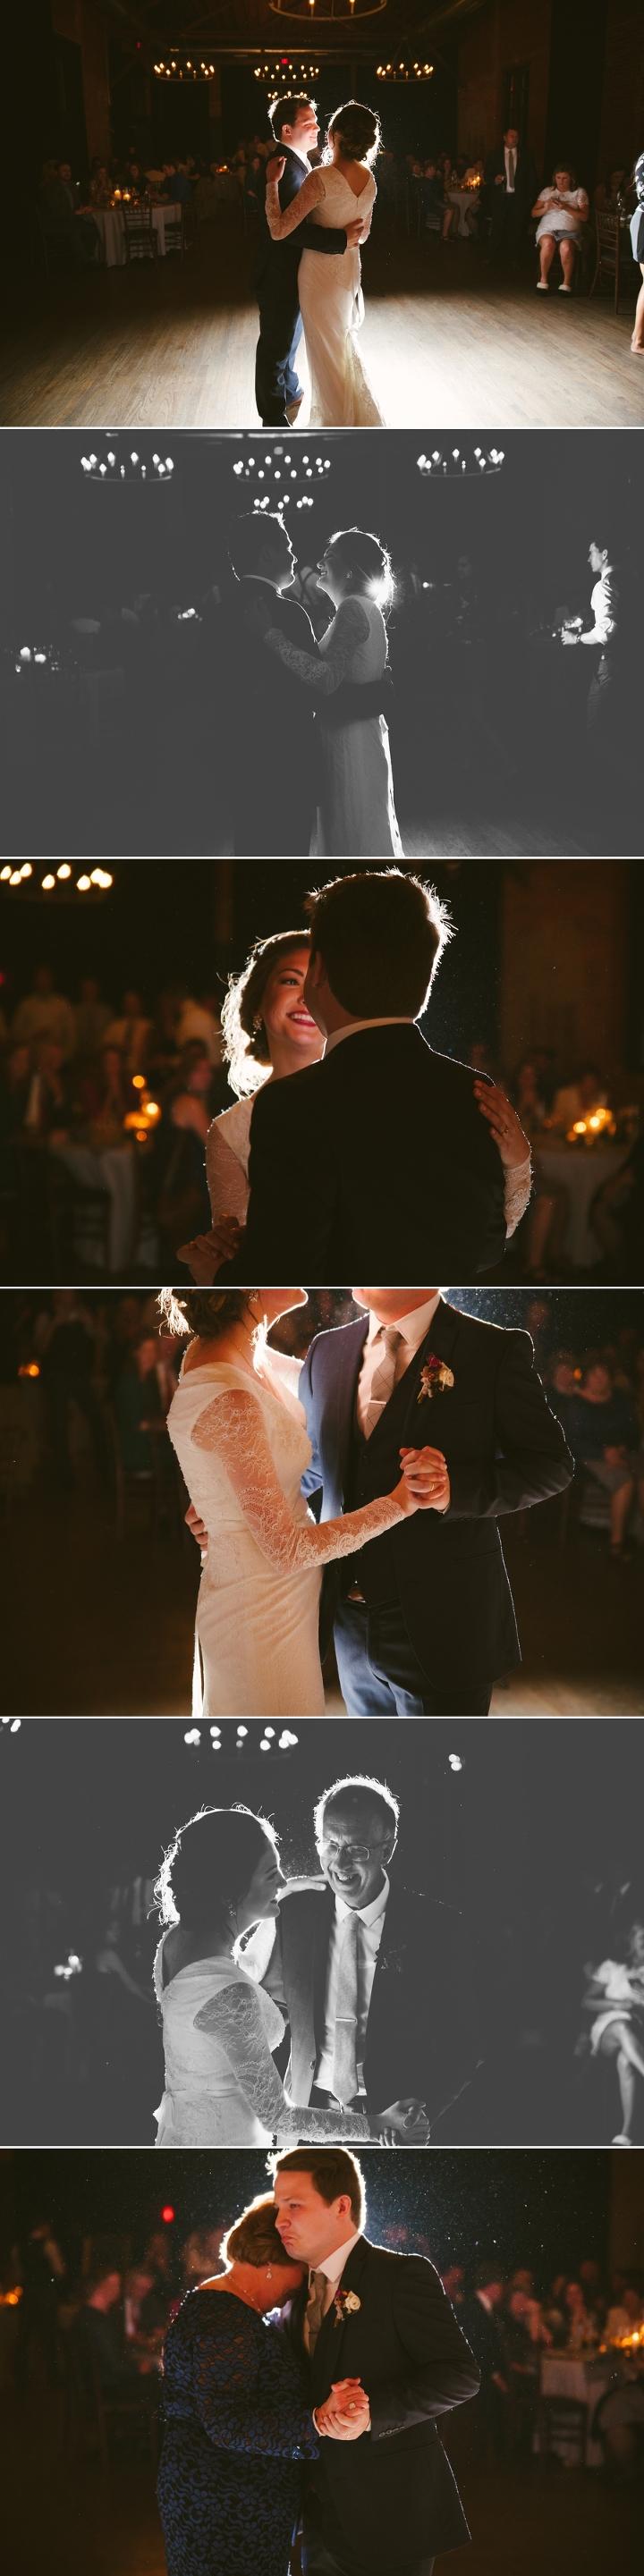 Laura and Matt Married 13